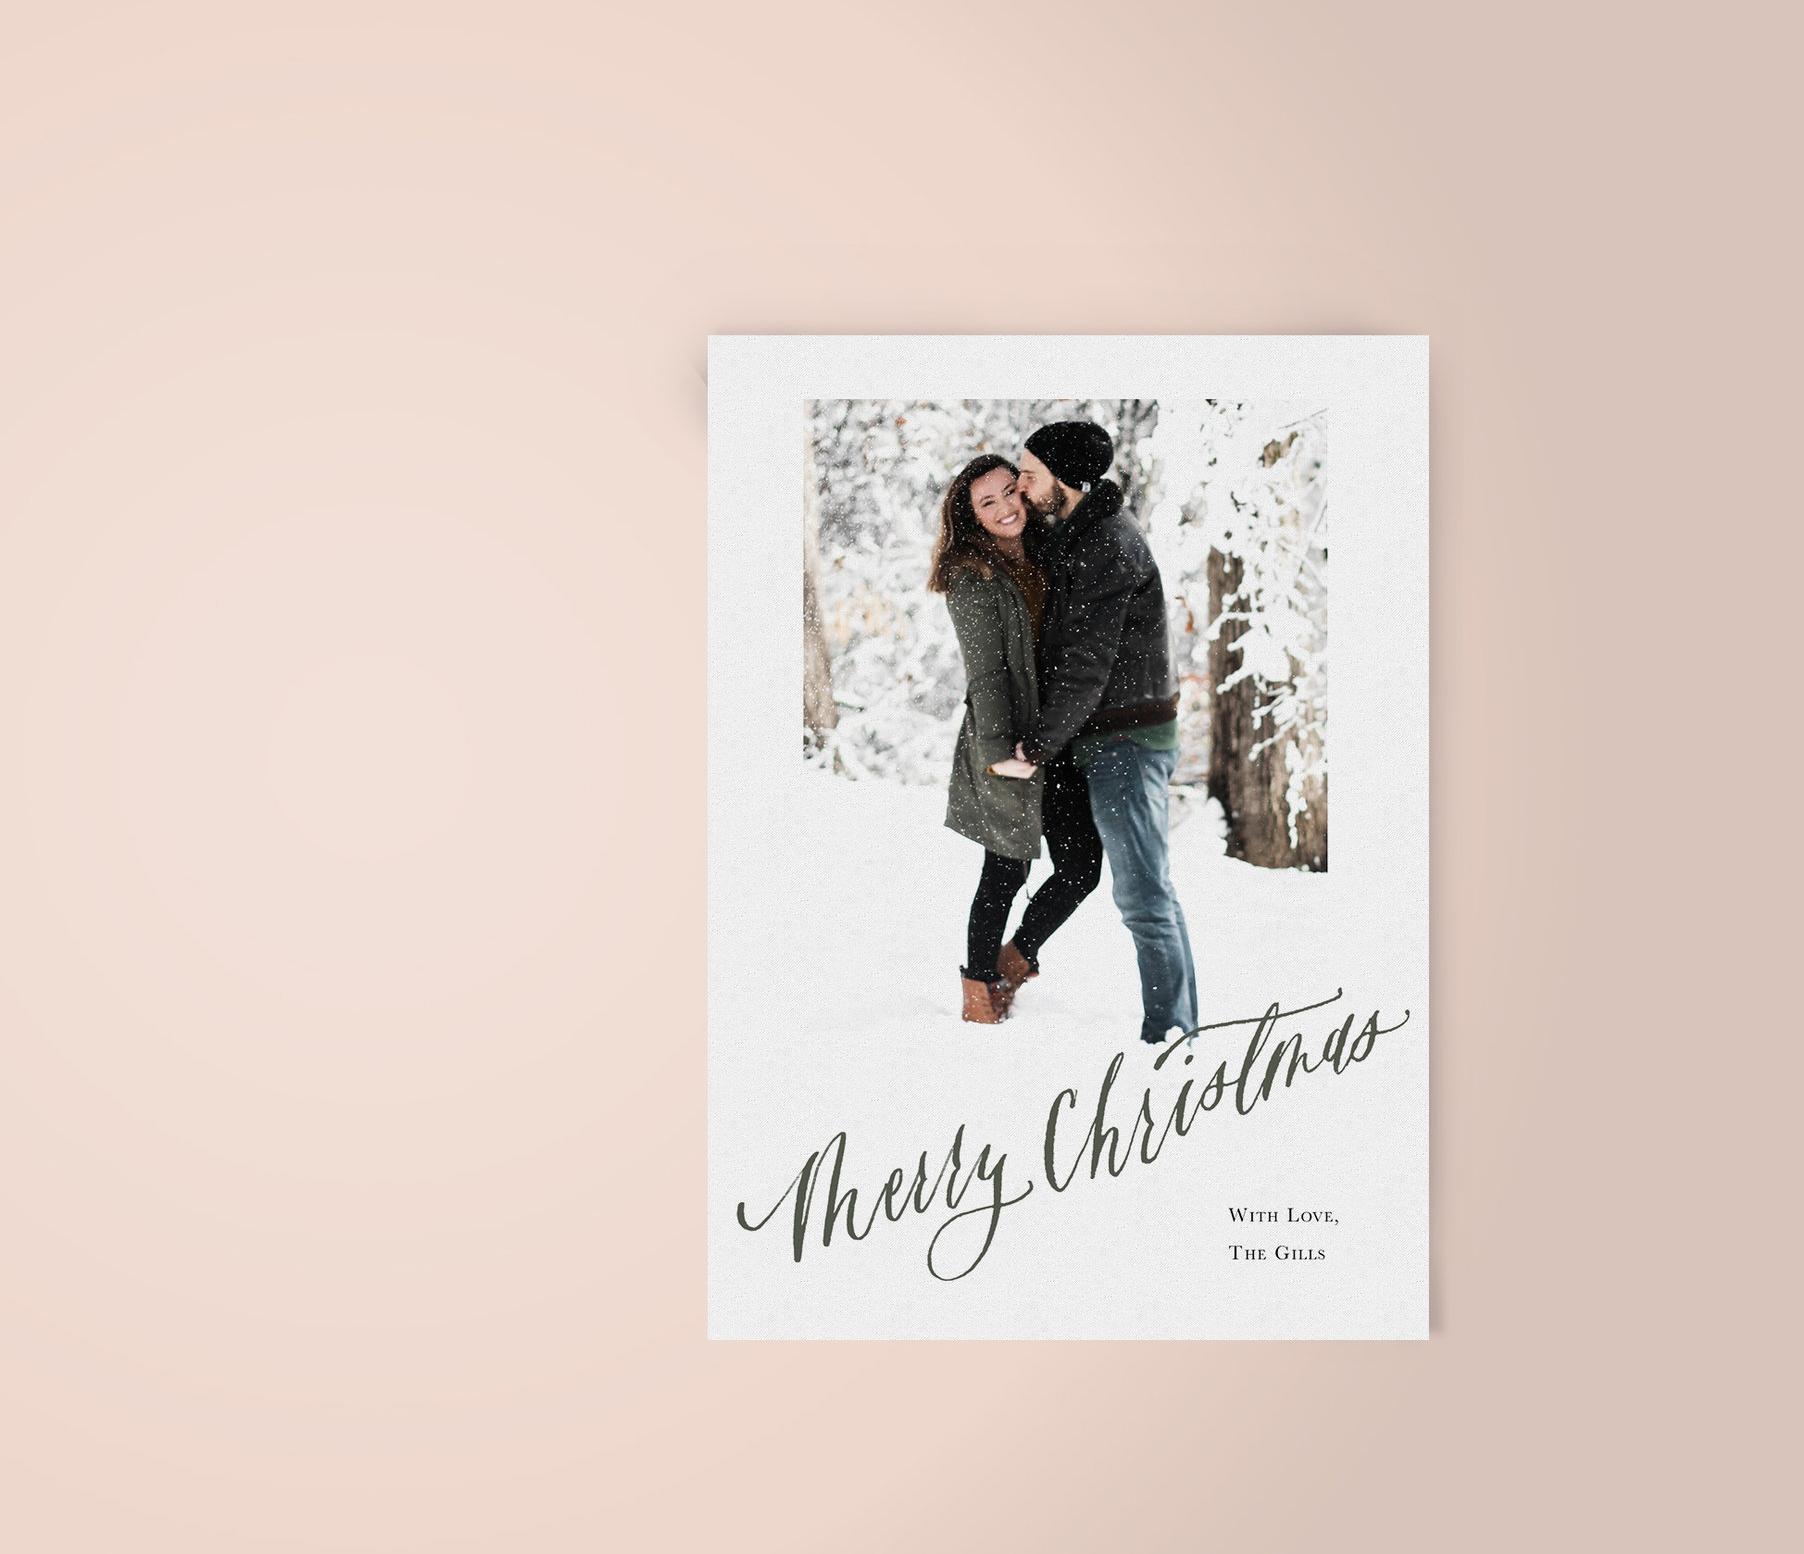 Modern Calligraphy Merry Christmas Photo Card | Custom Luxury Wedding | Lauren Antoniaa Calligraphy and Design